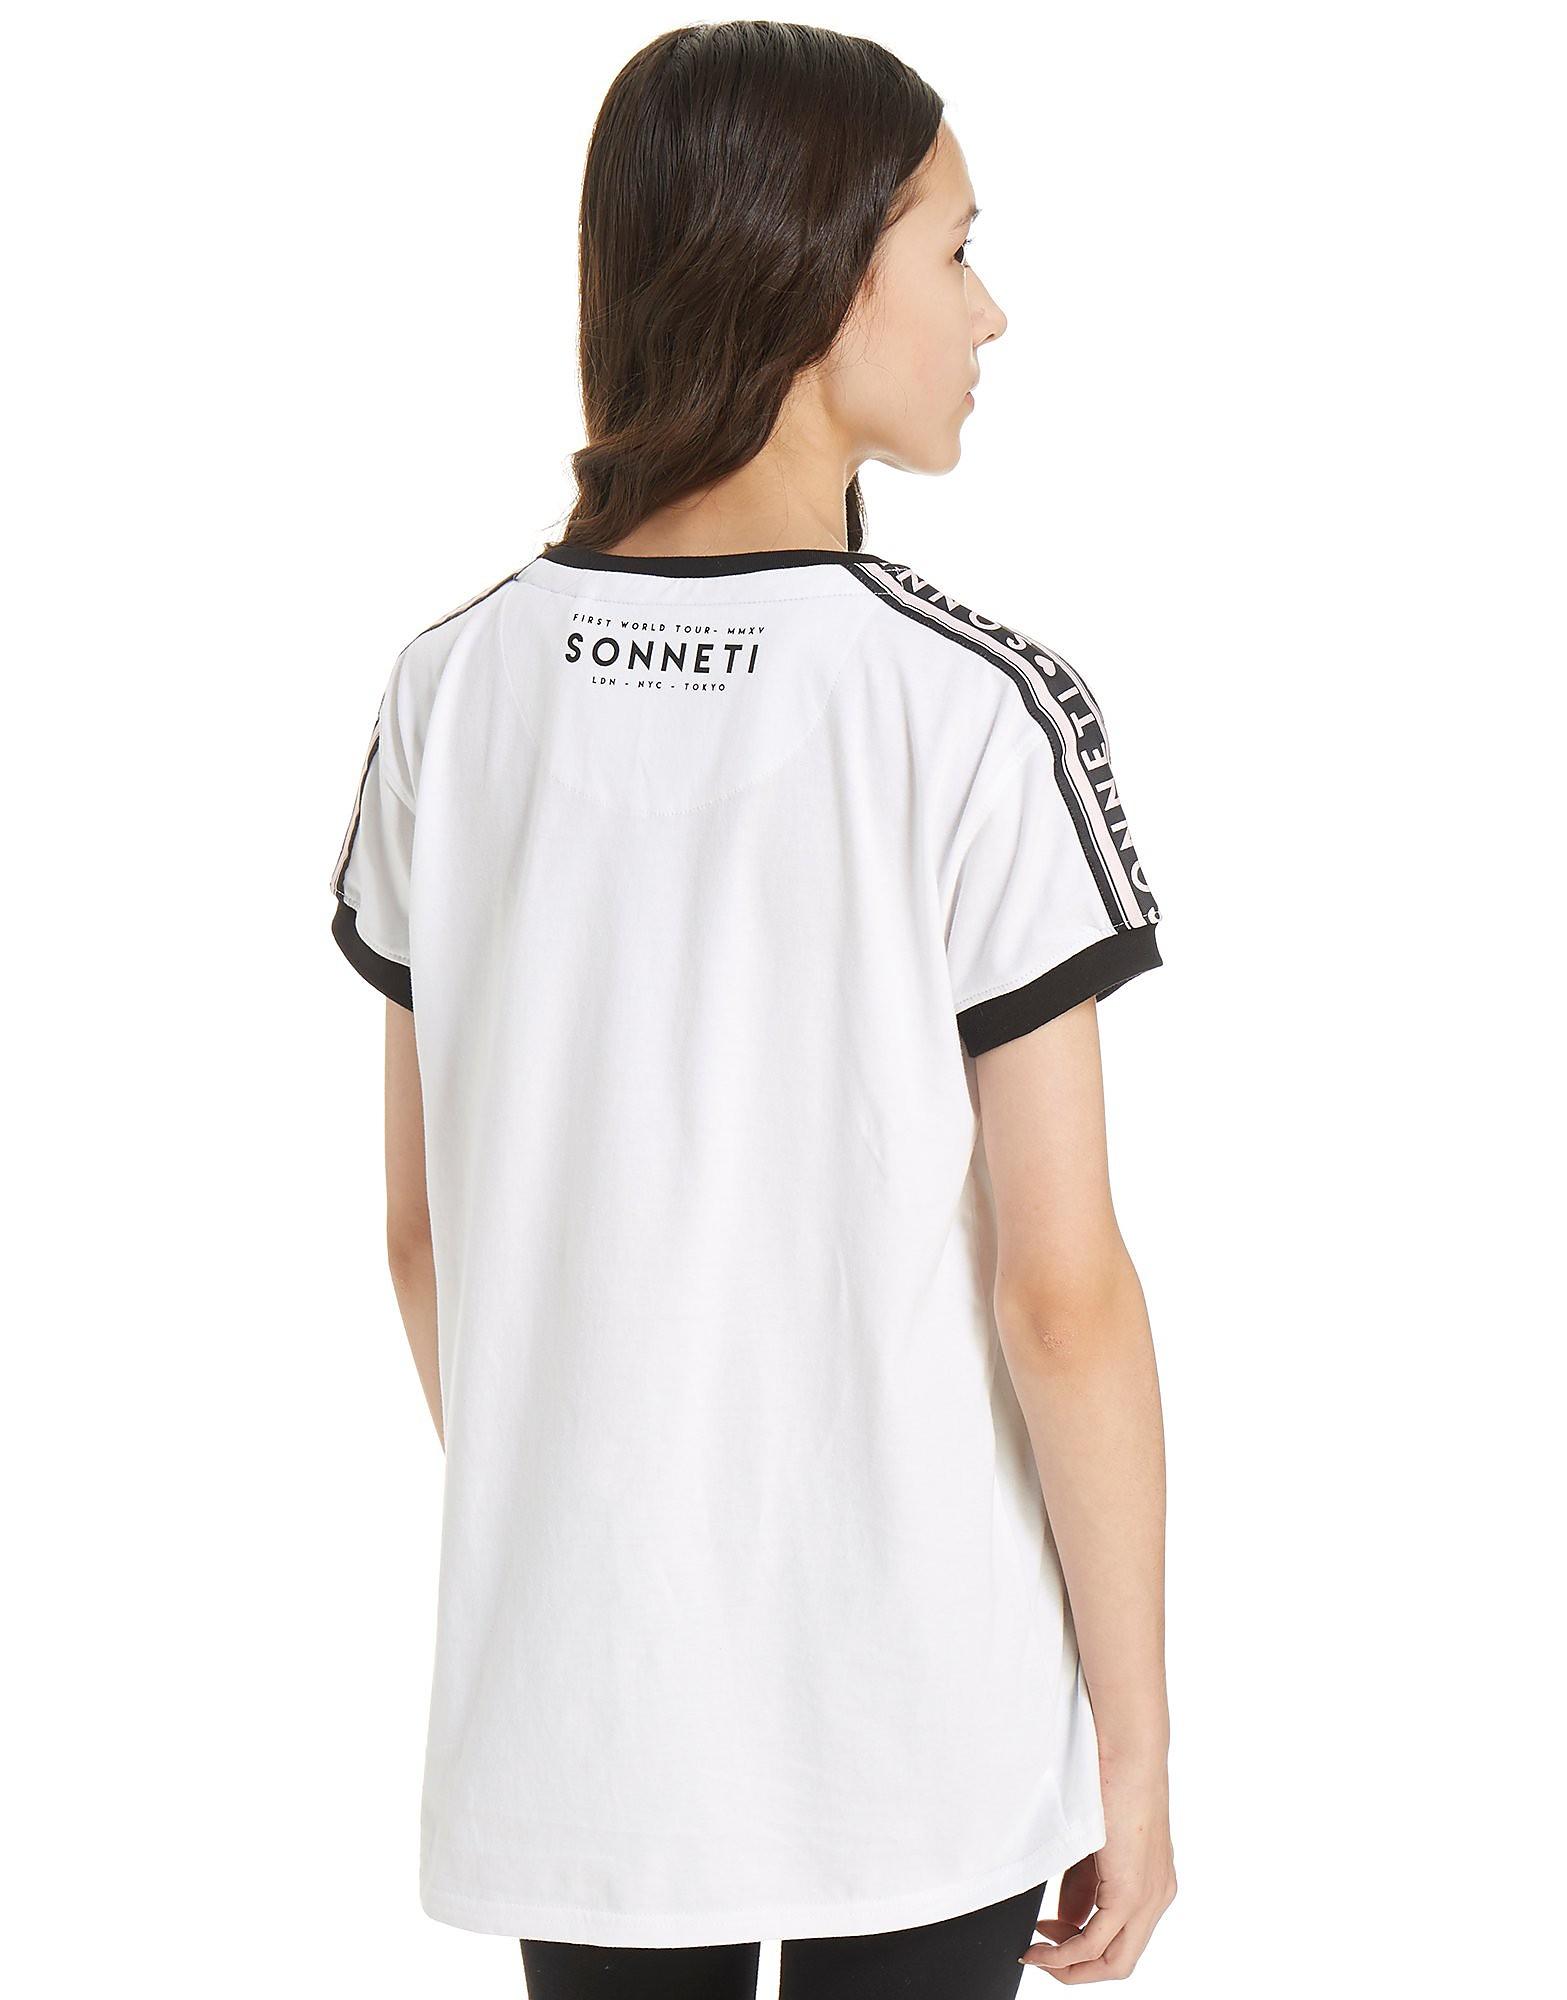 Sonneti Girls' Sporta Tape T-Shirt Junior